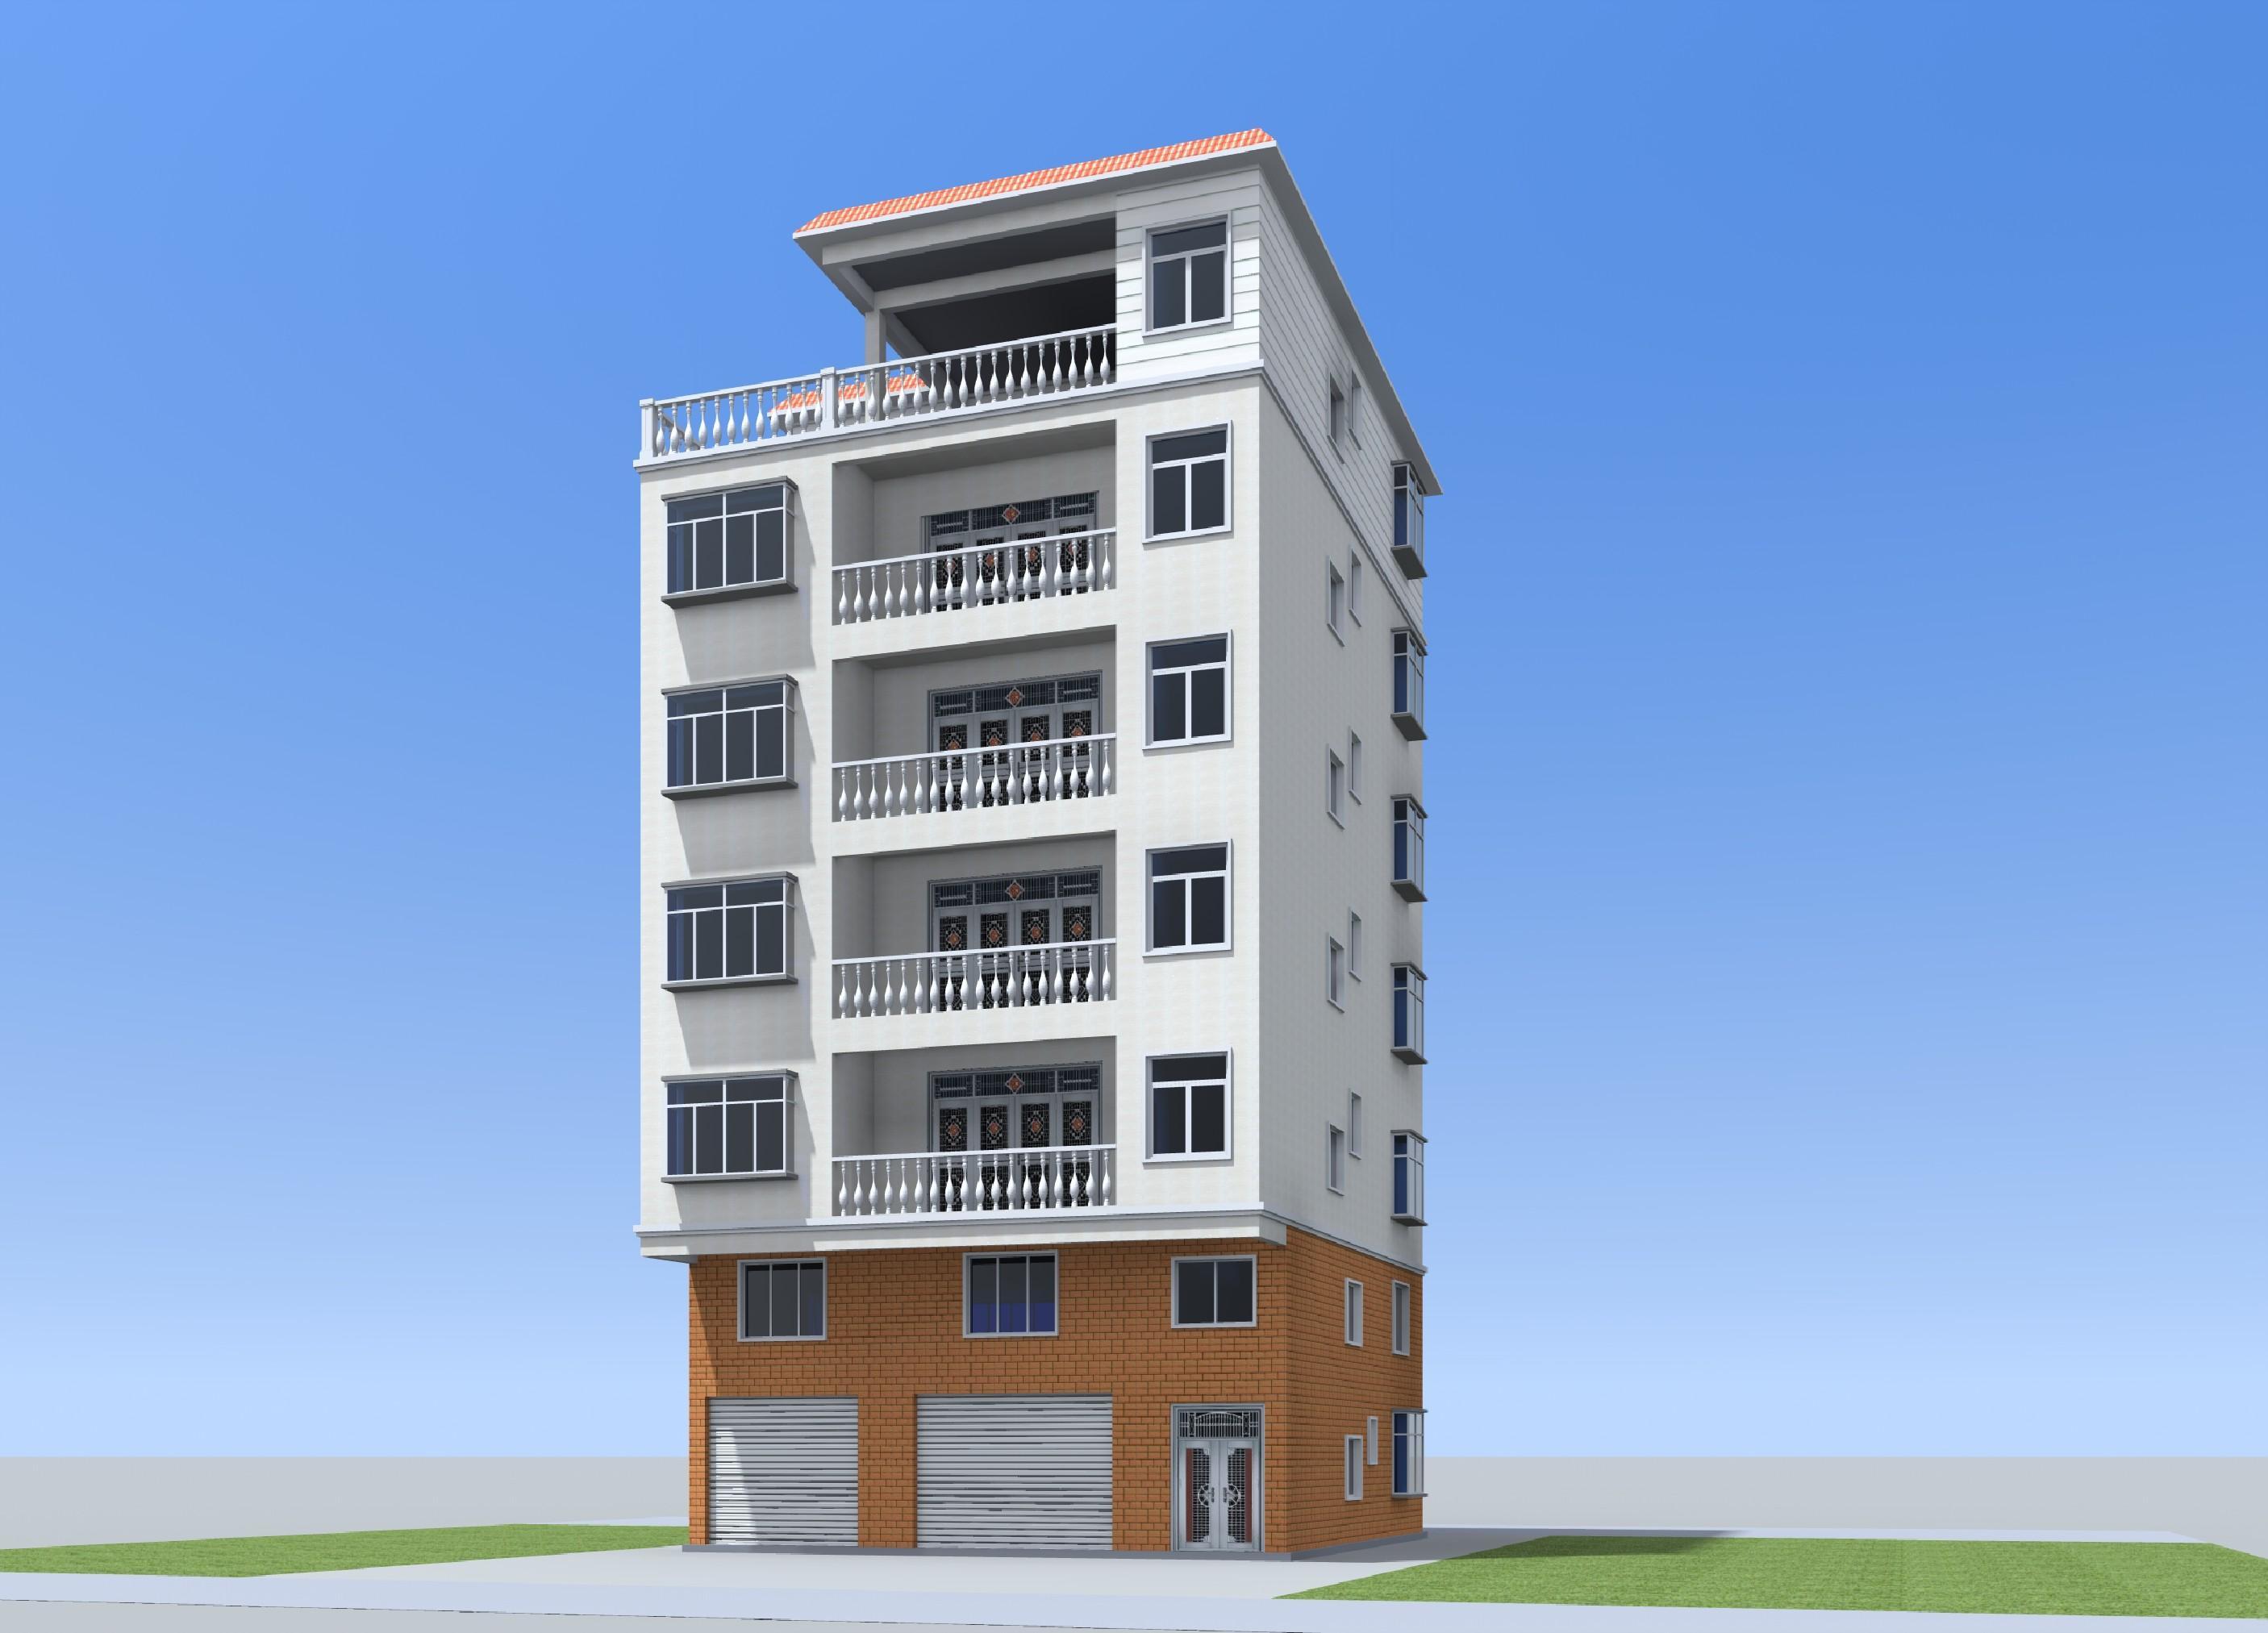 12.1x12.1 五层农村自建门面楼房设计图纸带夹层户型平面图每层一套建筑结构水电全套施工图纸